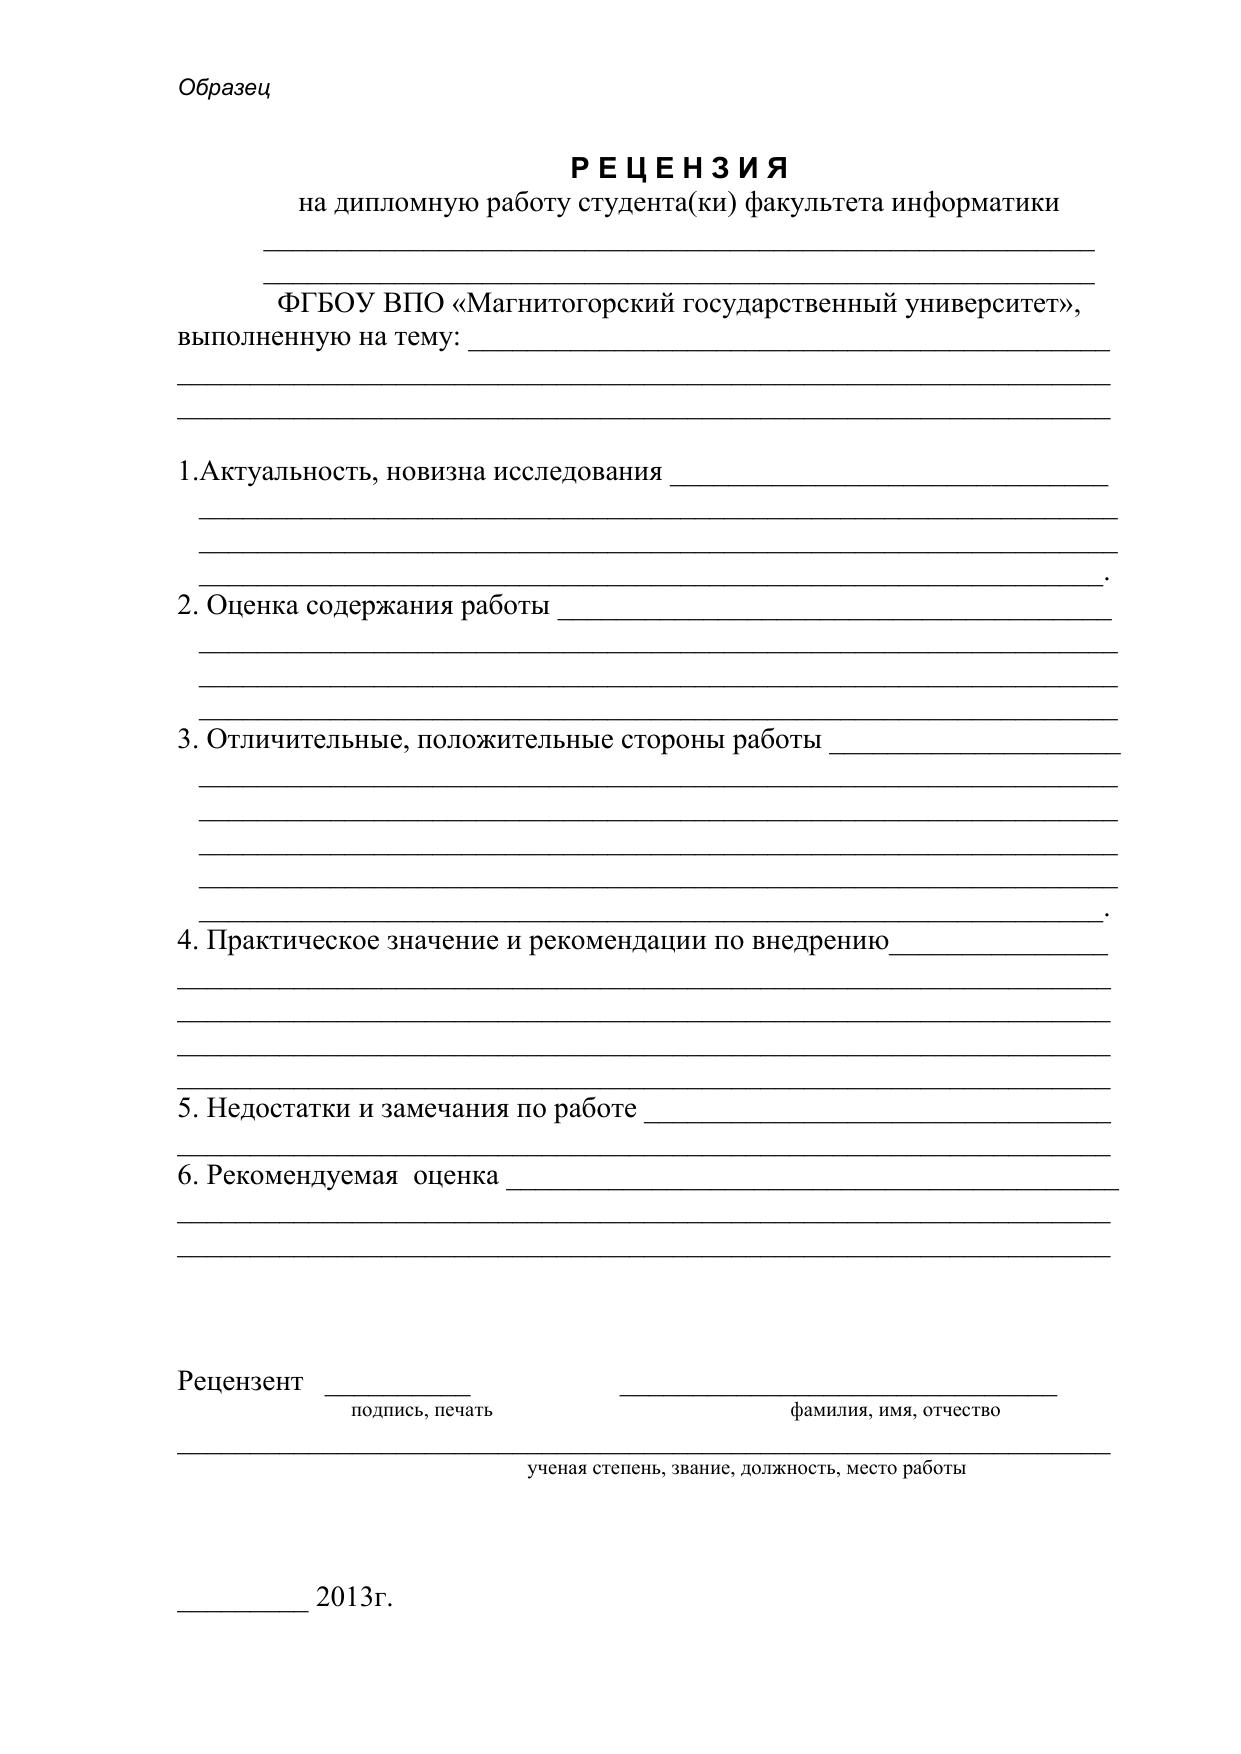 Правила написания рецензии в зависимости от вида